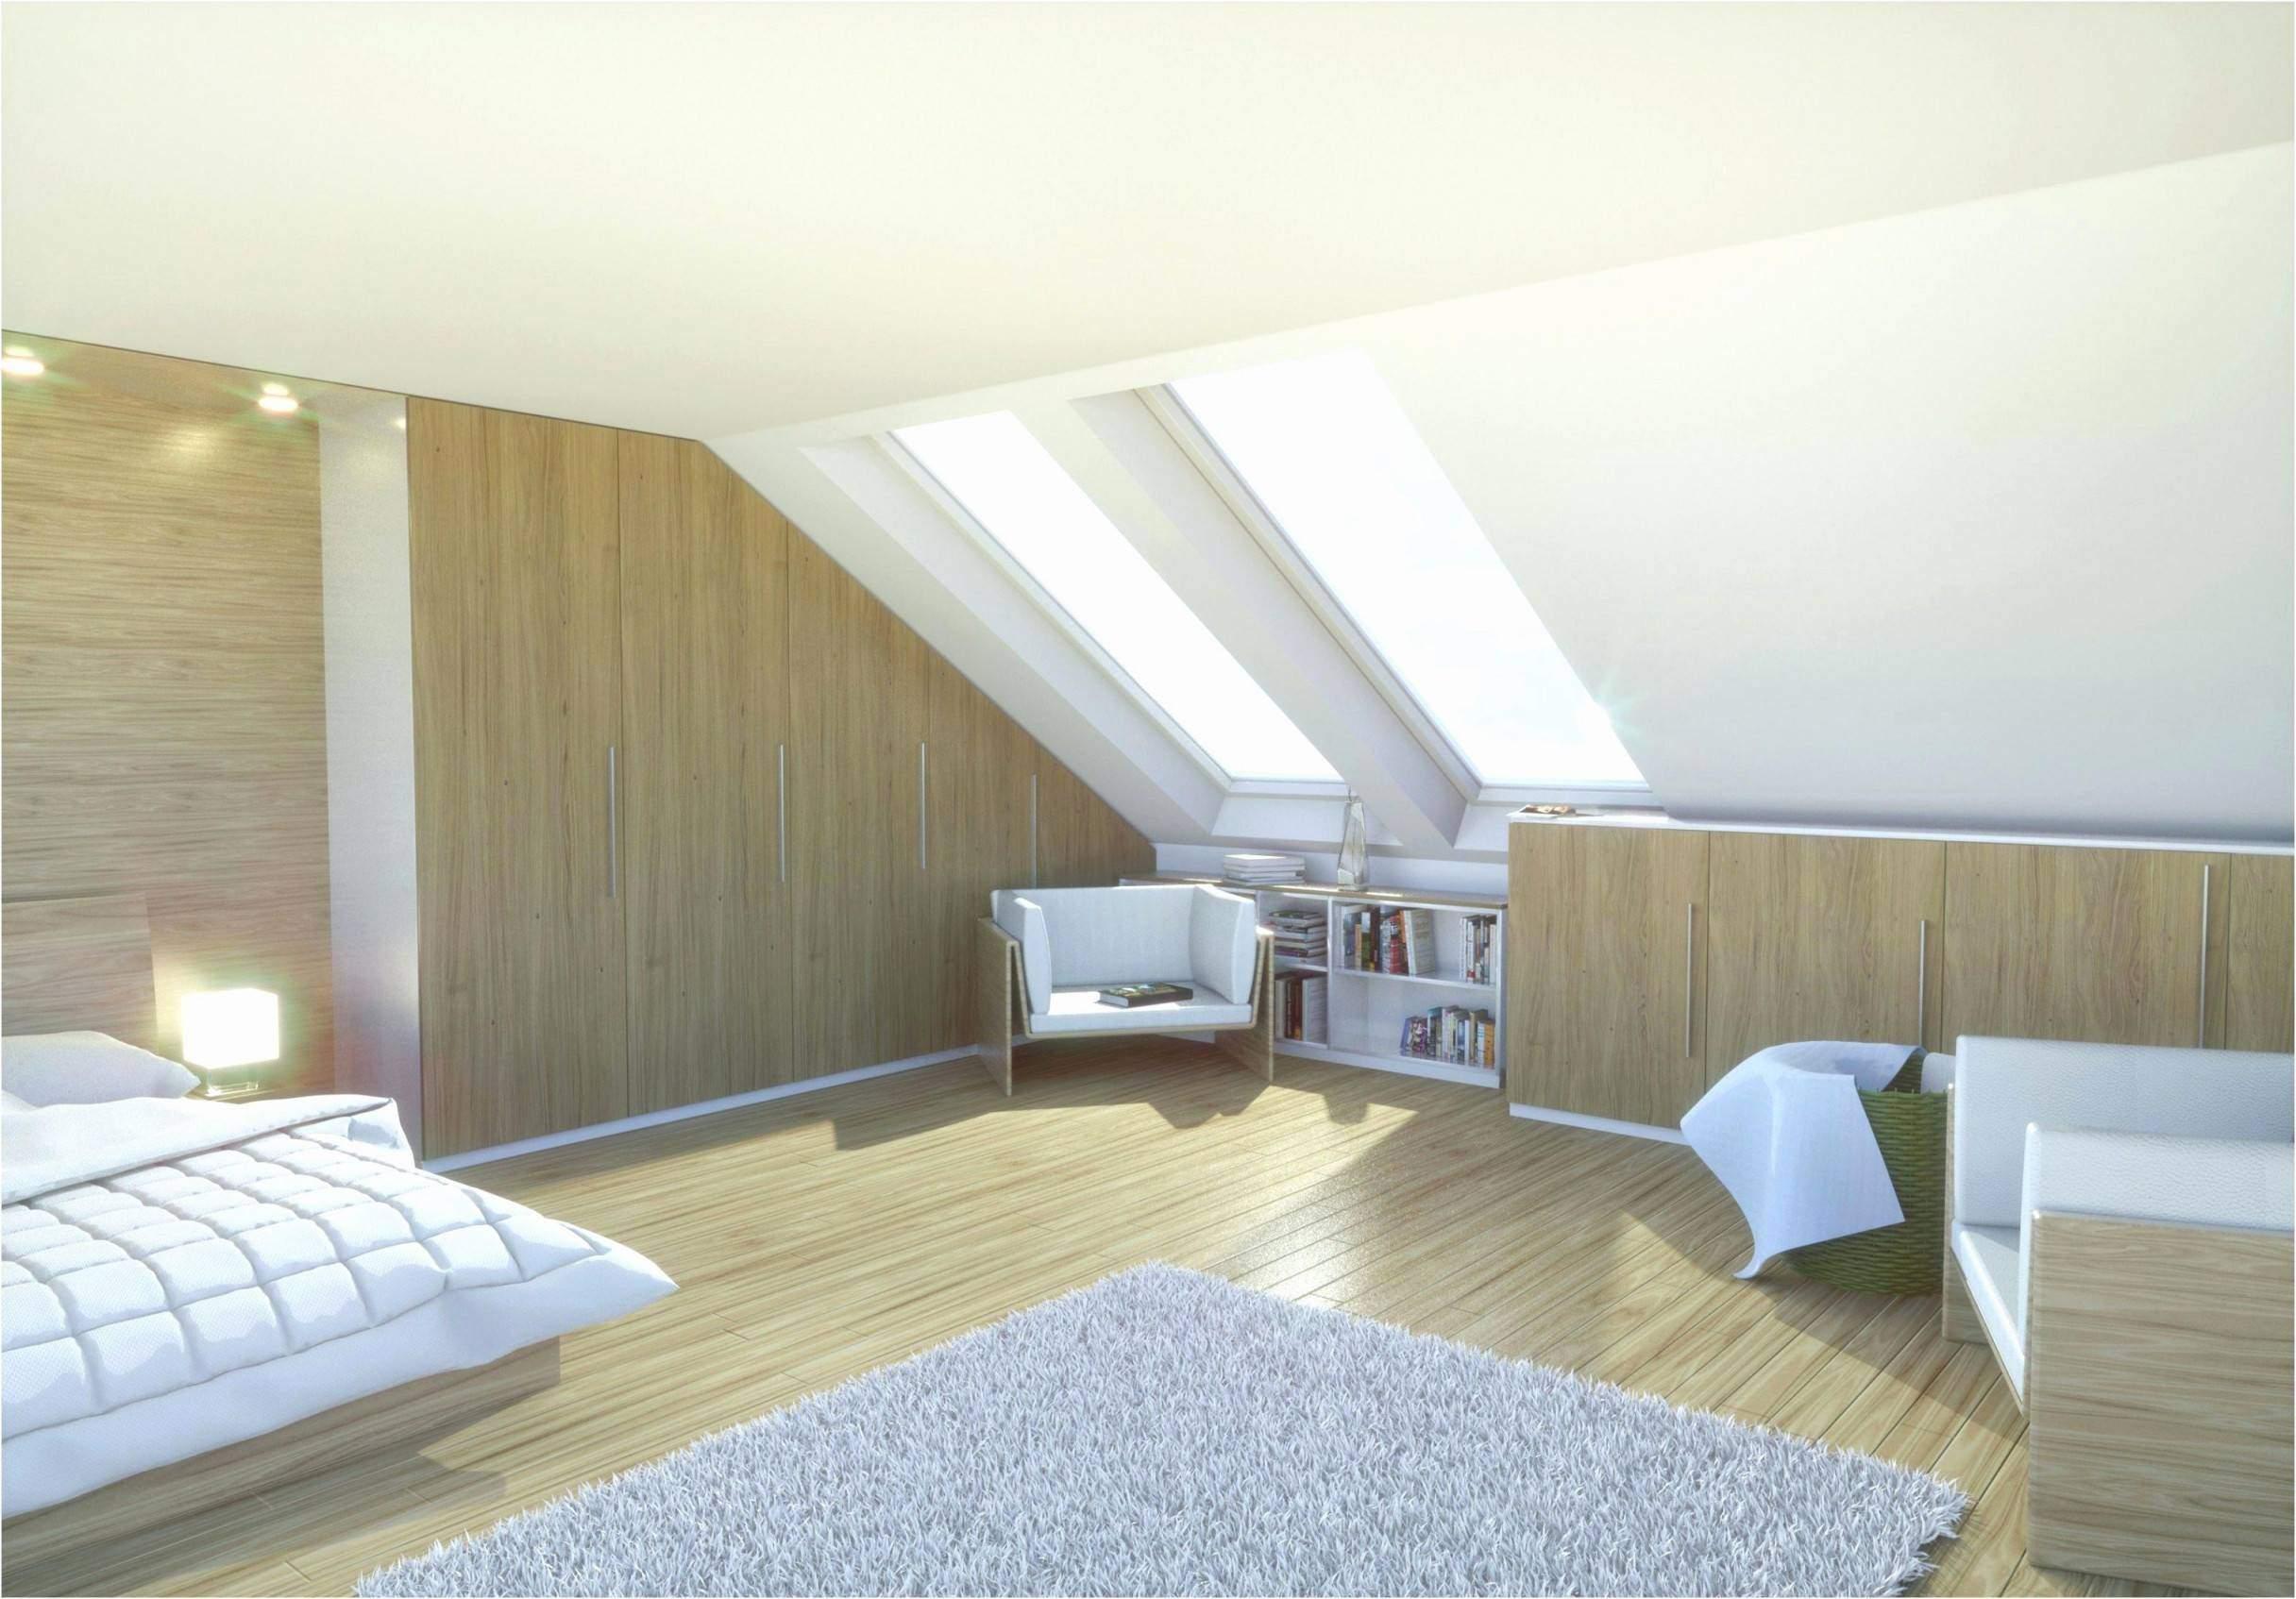 ebay gebrauchte mobel wohnzimmer schon wohnzimmermobel gebraucht of ebay gebrauchte mobel wohnzimmer